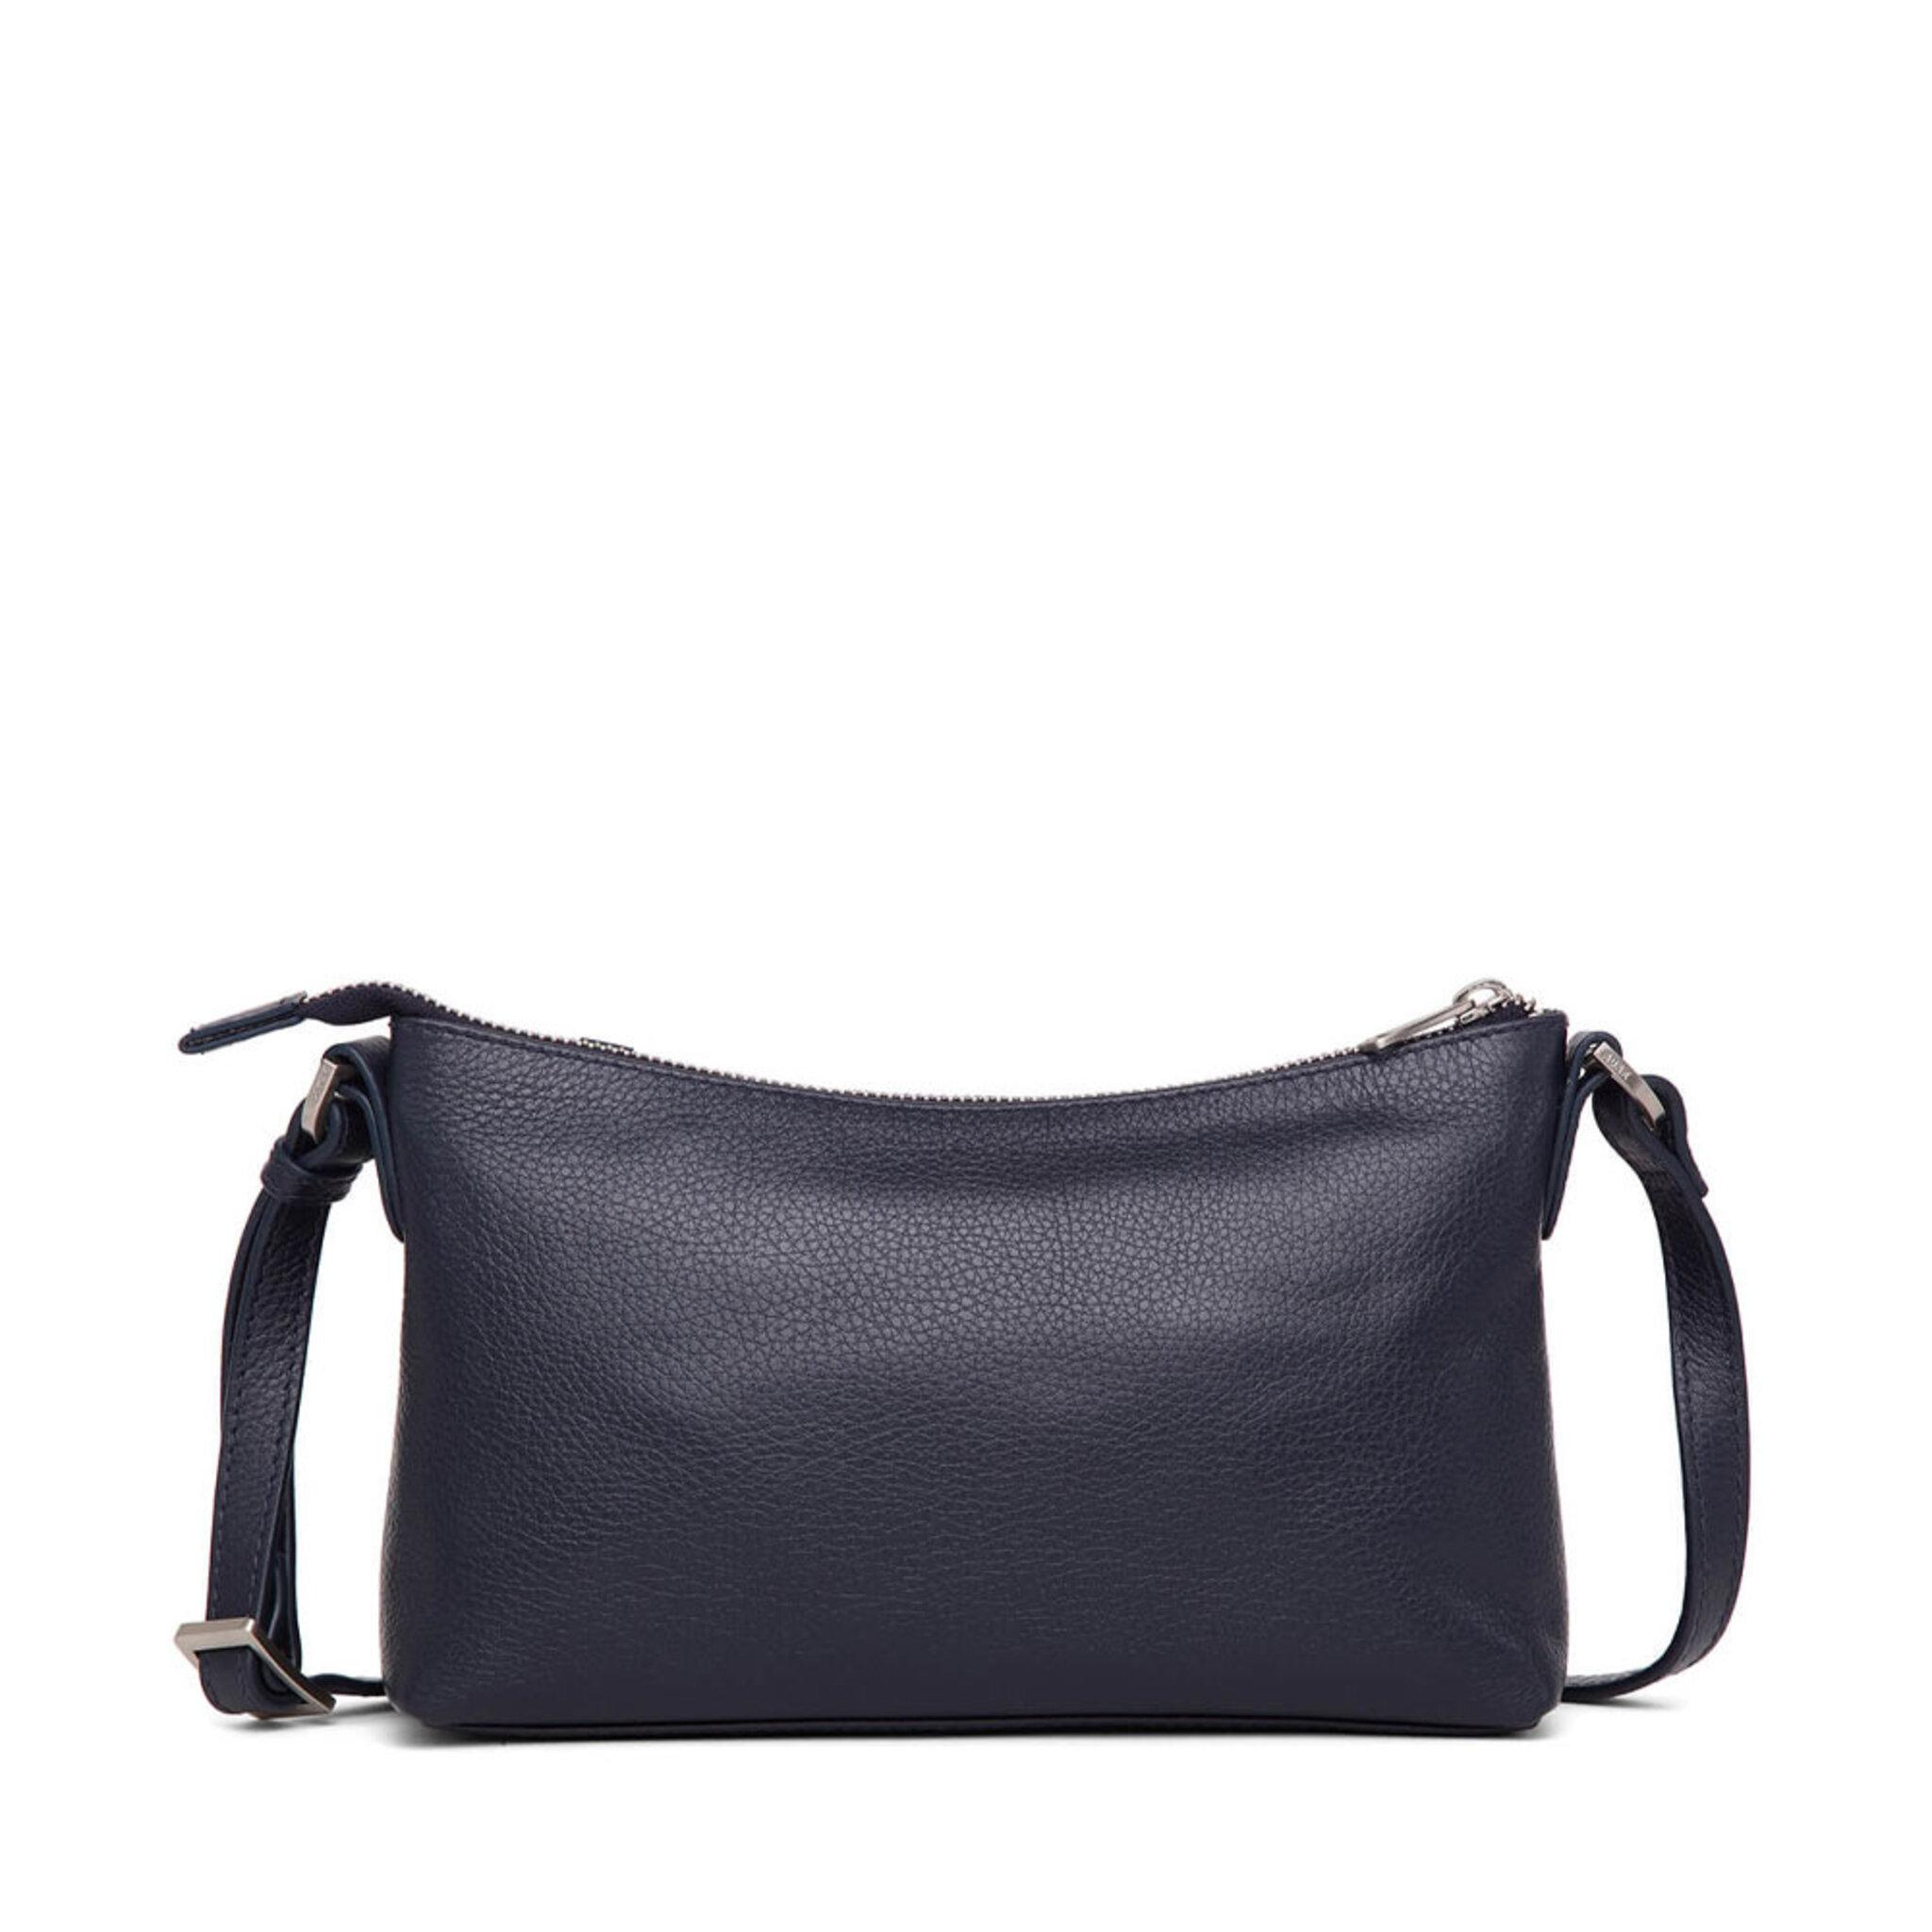 Smilla shoulder bag